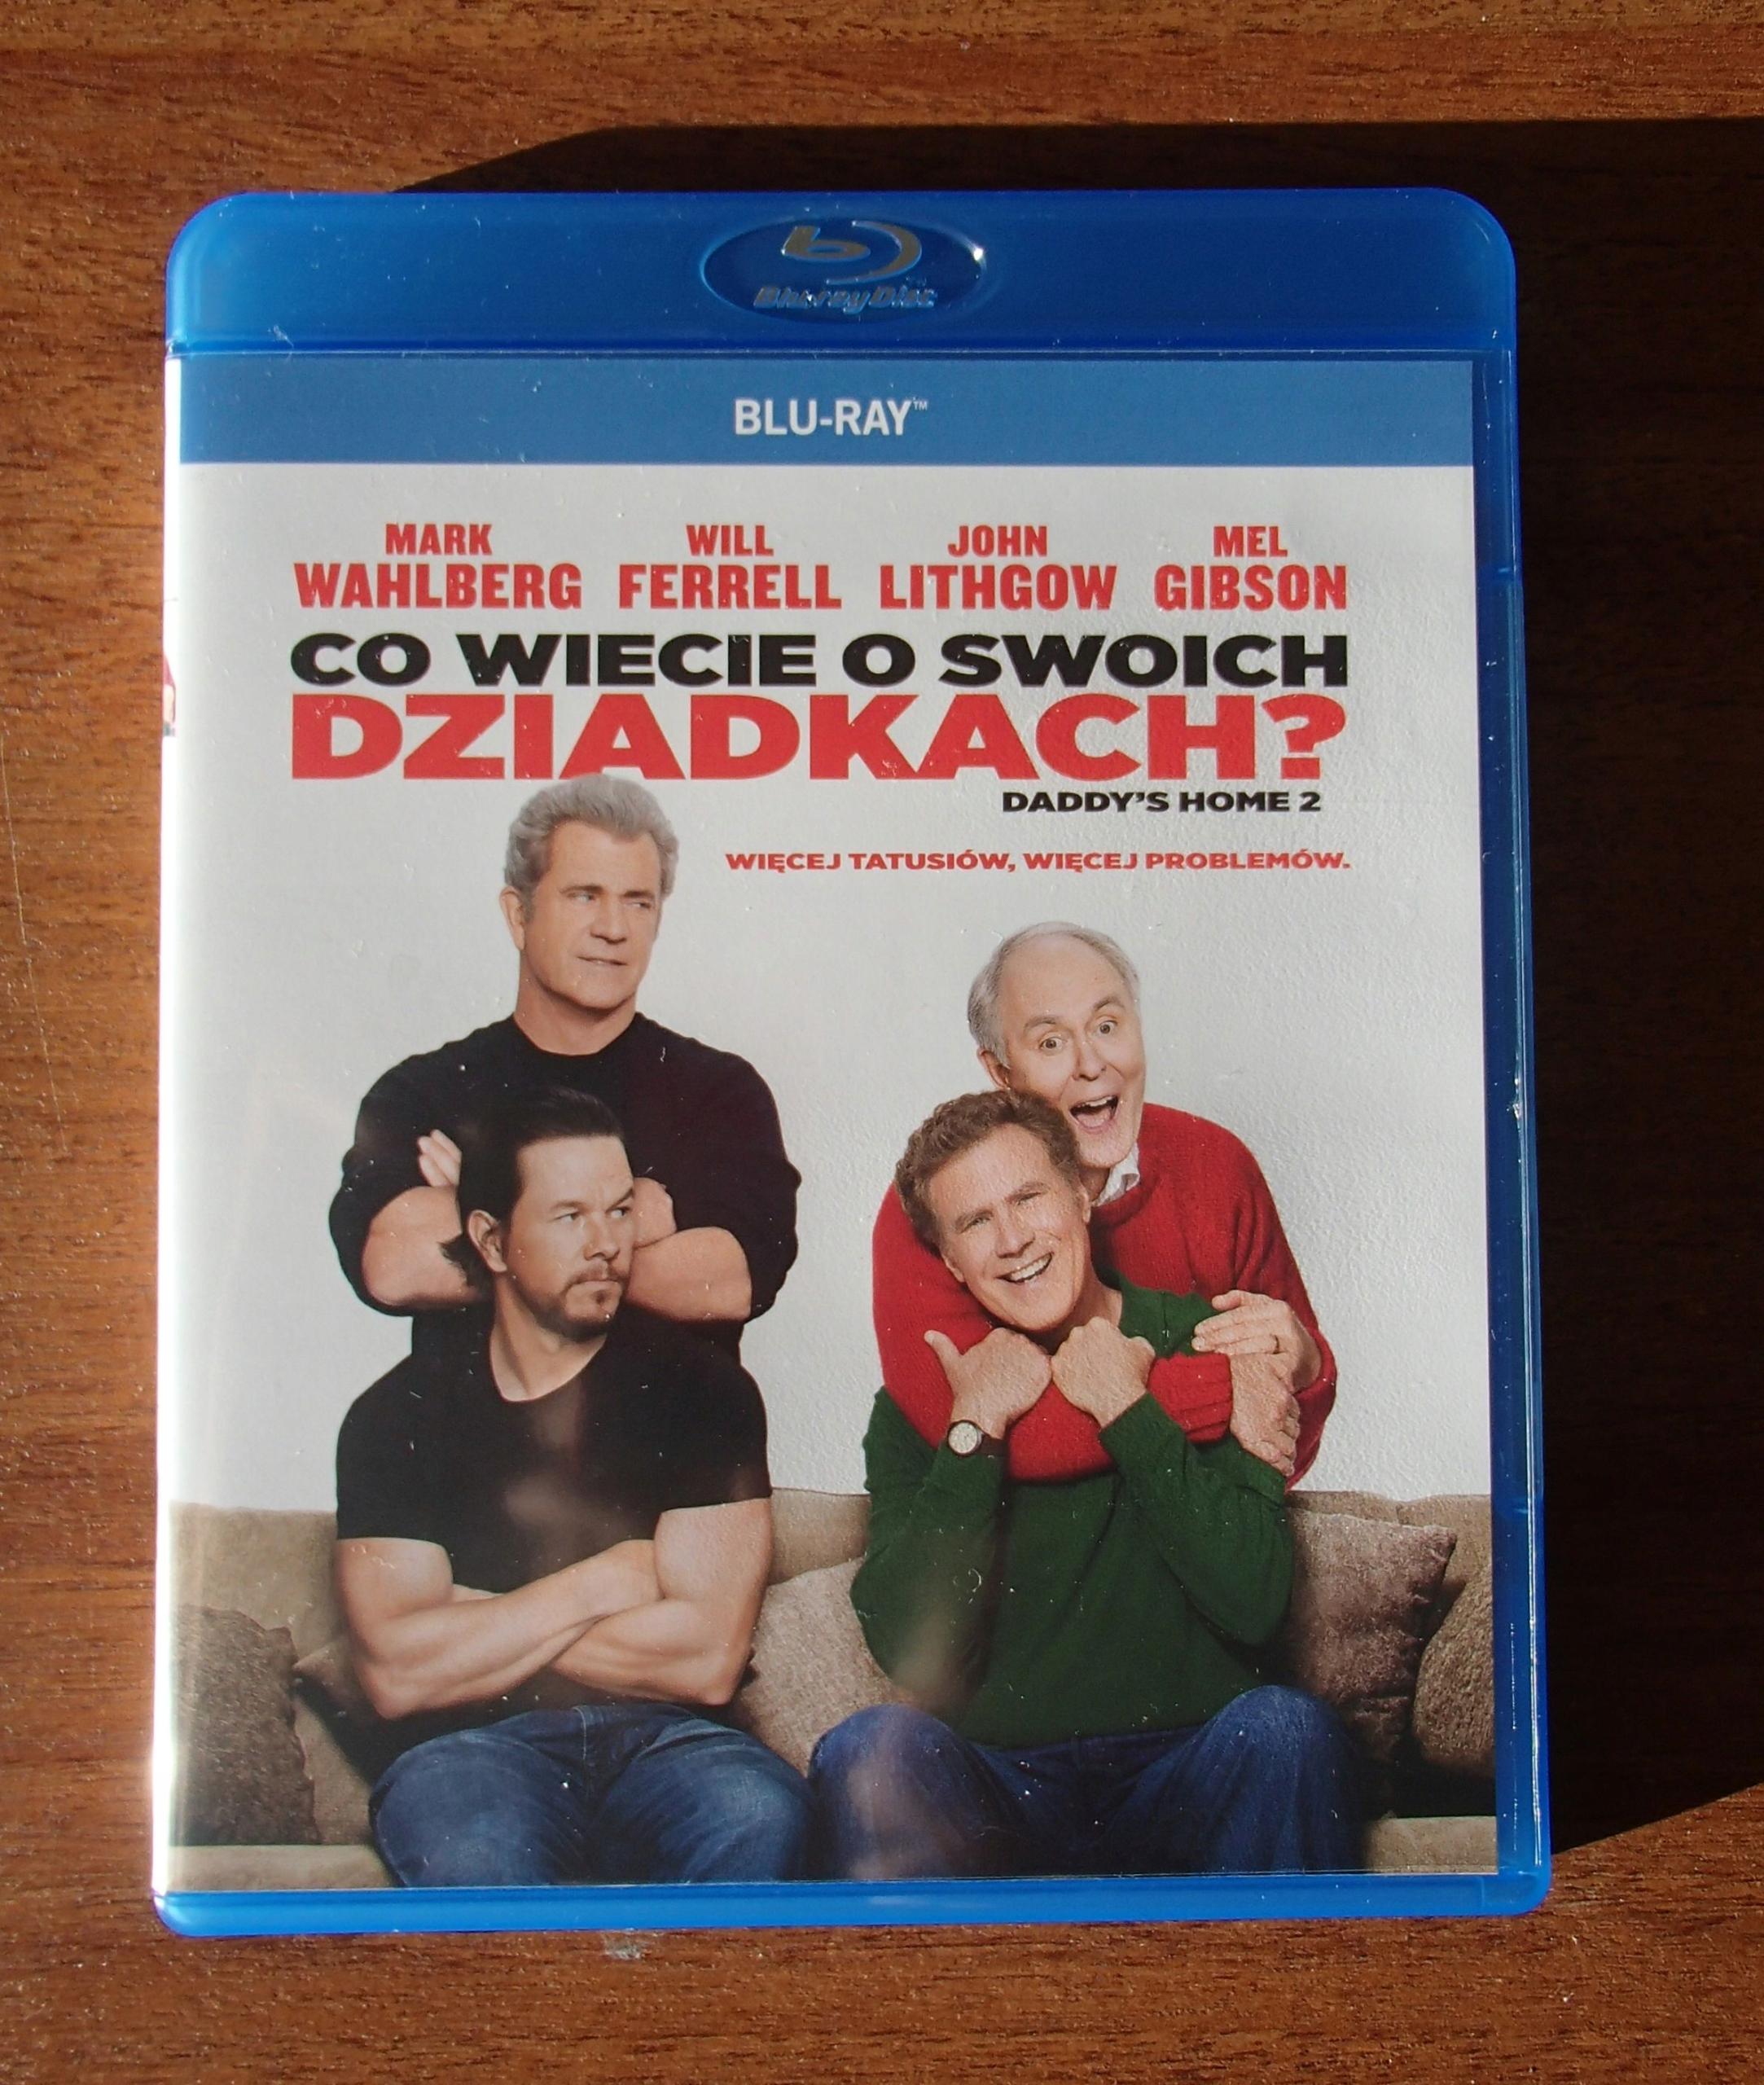 Co wiecie o swoich dziadkach ? Blu-ray Nowy PL